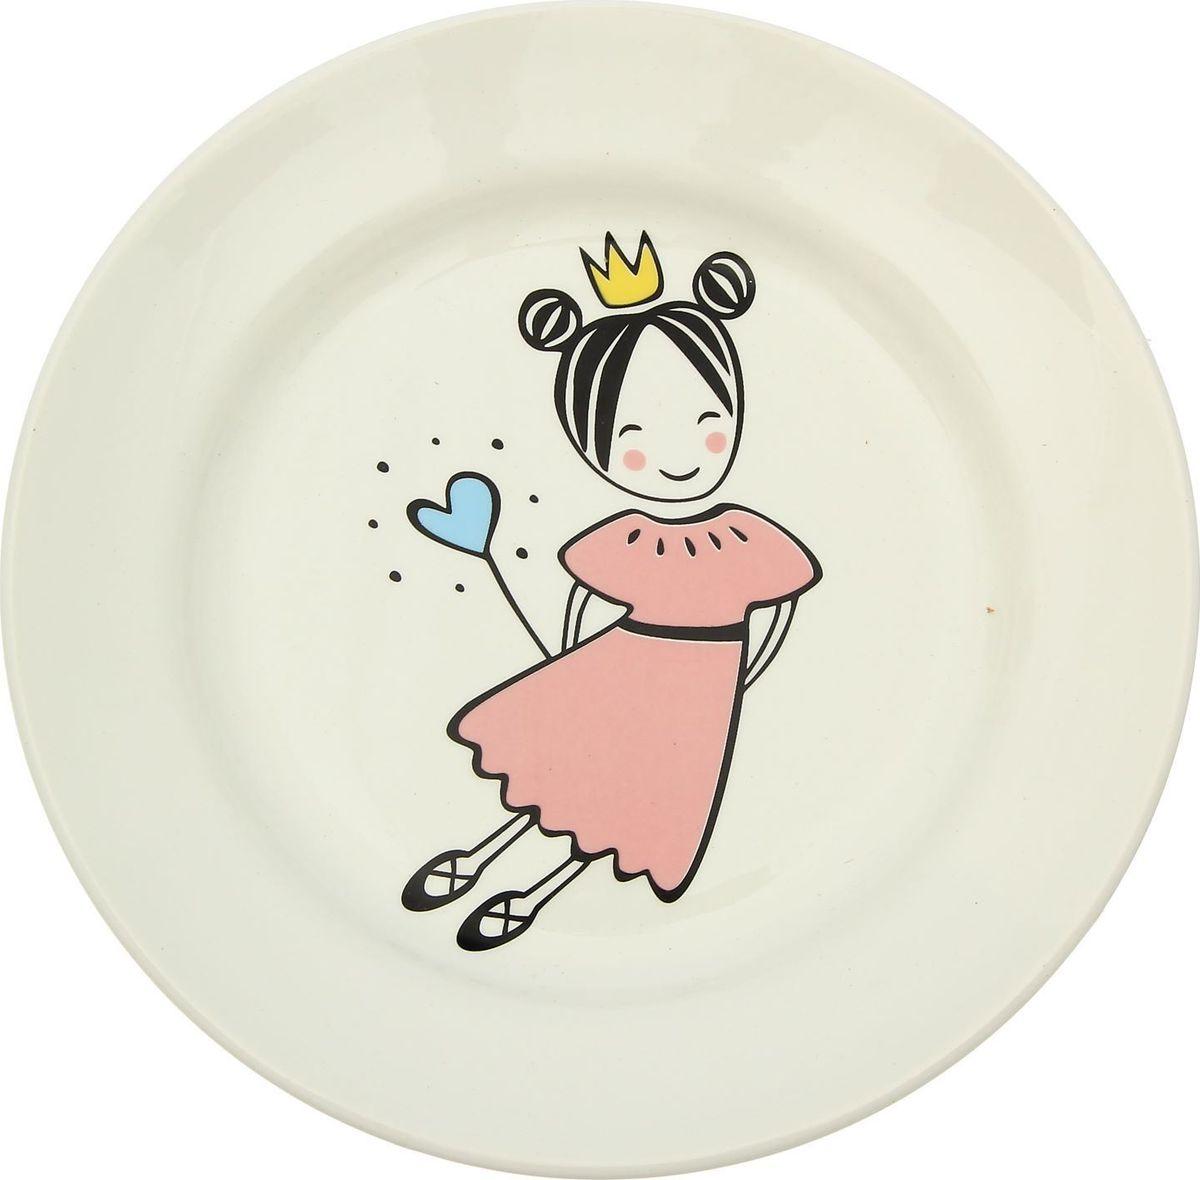 Тарелка Сотвори Чудо Маленькая королева, диаметр 20 см2470639Хотите обновить интерьер кухни или гостиной? Устраиваете необычную фотосессию или тематический праздник? А может, просто ищете подарок для близкого человека?Тарелка Сотвори Чудо Маленькая королева — правильный выбор в любой ситуации. Её достоинства:изящный фаянс нежного сливочного цвета;стойкость краски; пригодность для посудомоечных машин.